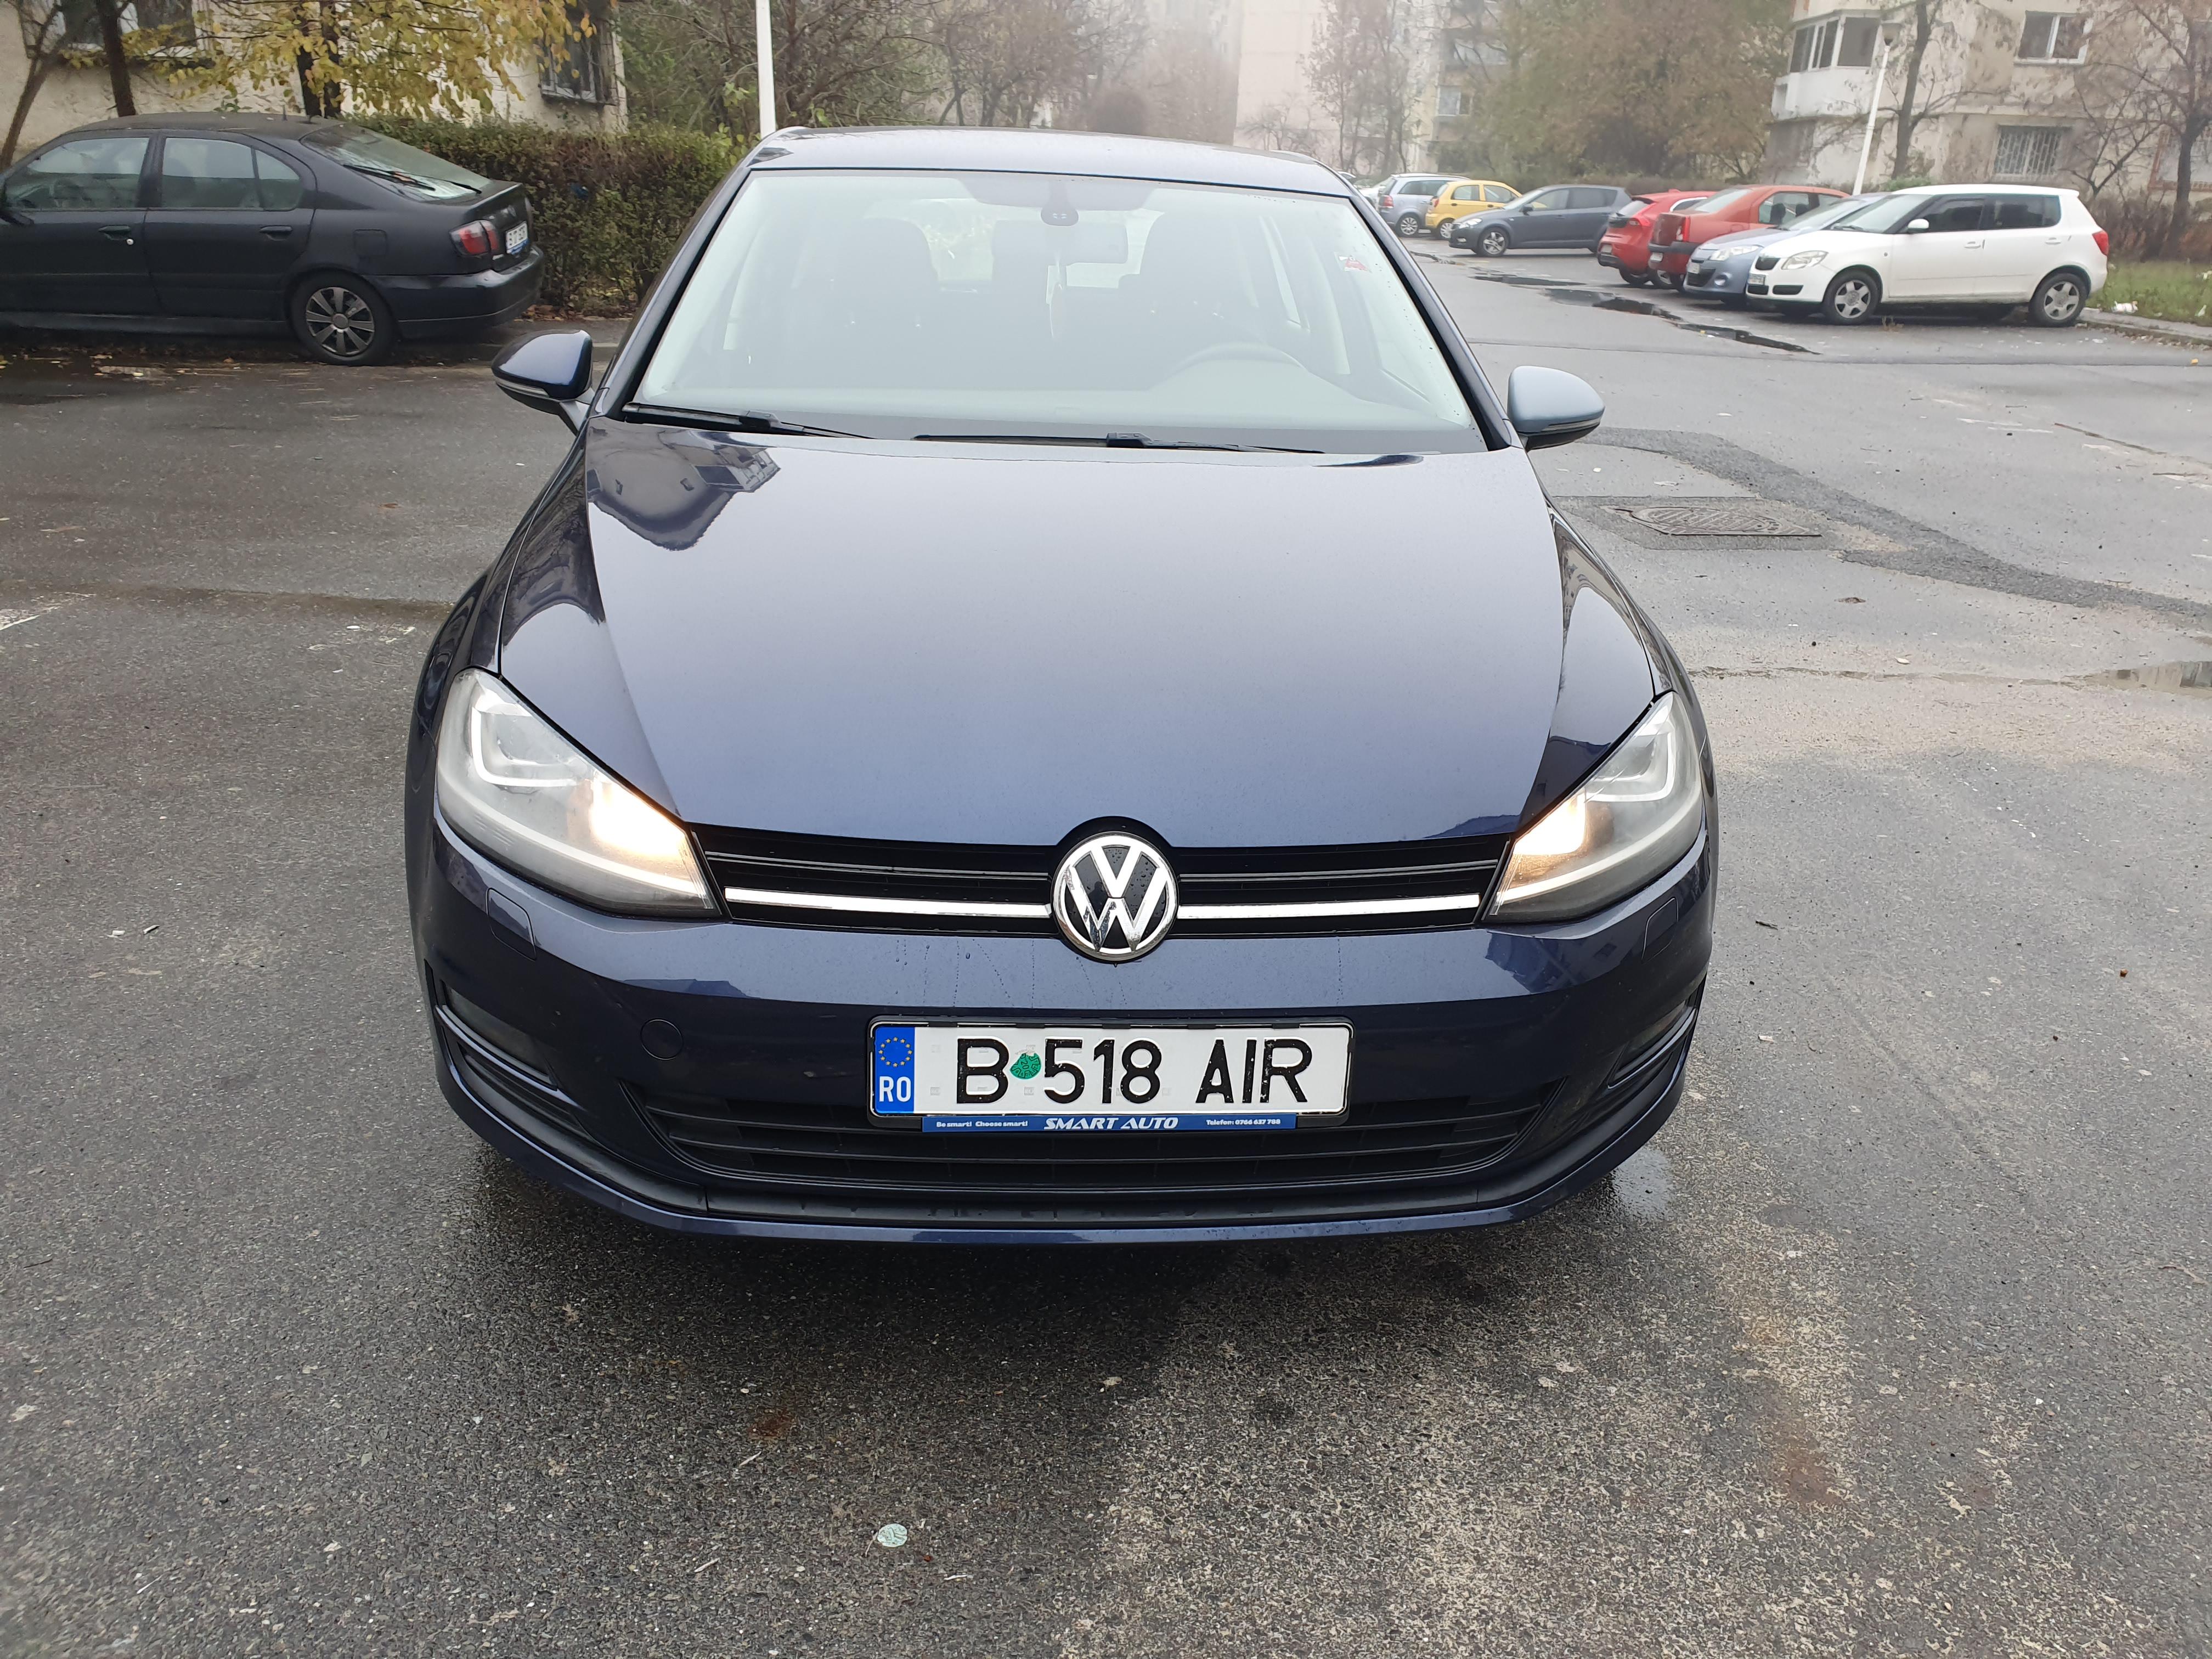 Imagine Inchiriaza auto VW Golf 2013 1